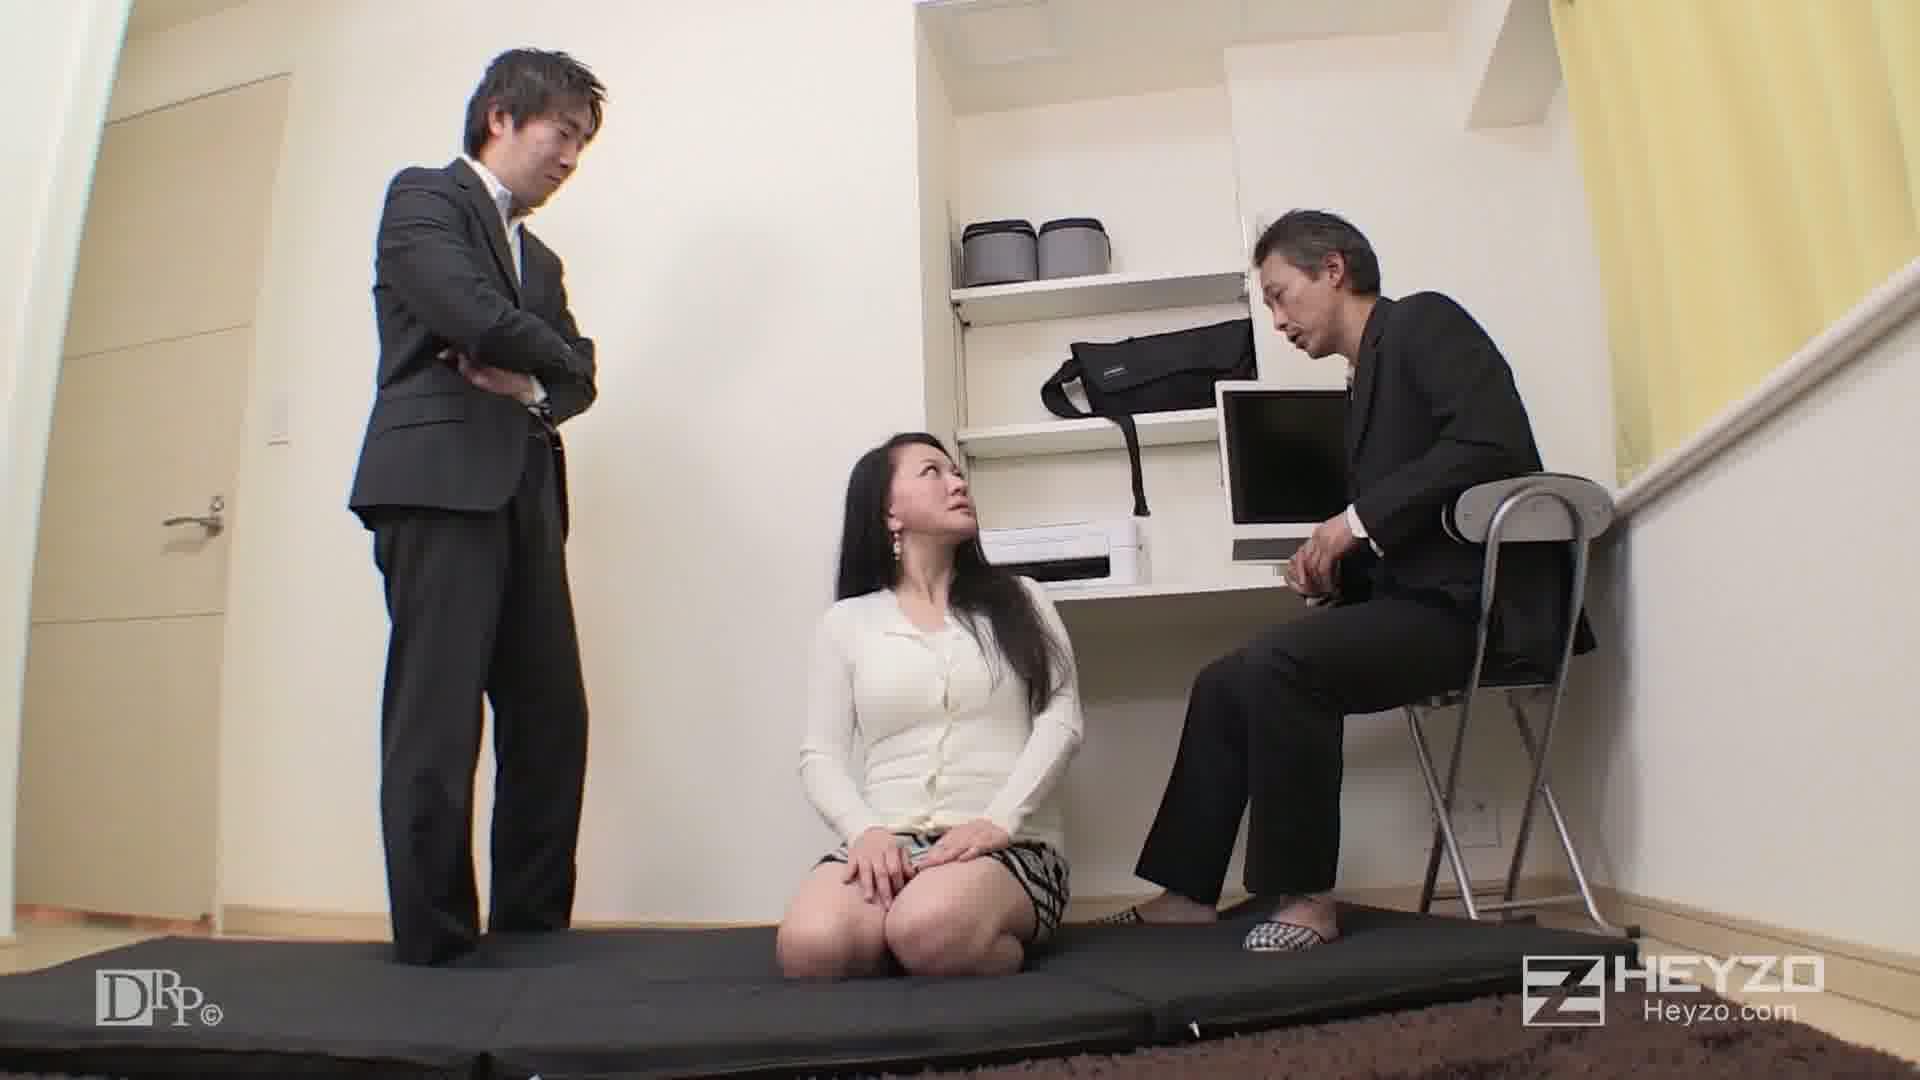 借金返済は母娘のカラダで~ガチの親と子がエロ共演~ - 矢吹ちはる - 矢吹ゆい【脱衣 娘 母オナニー】